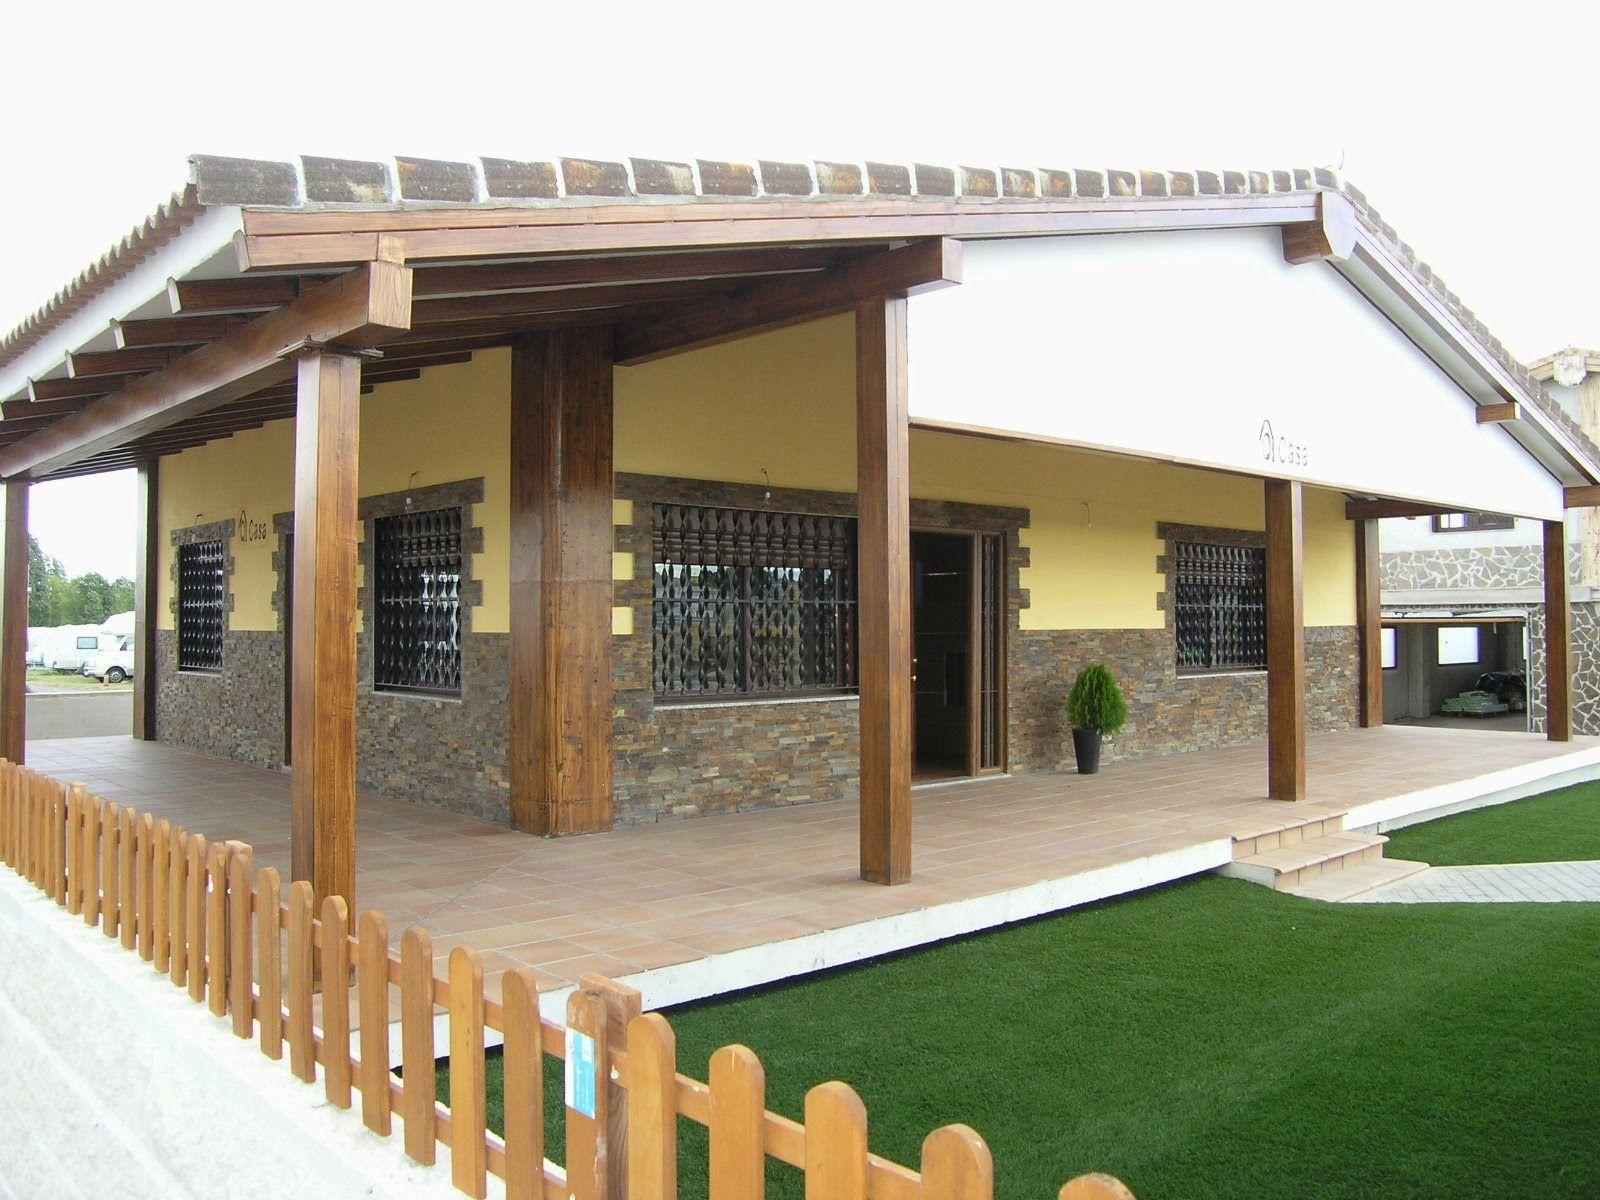 Casas prefabricadas de acero y hormigon bienvenidos al blog de casas prefabricadas de acero y - Acero casas prefabricadas ...